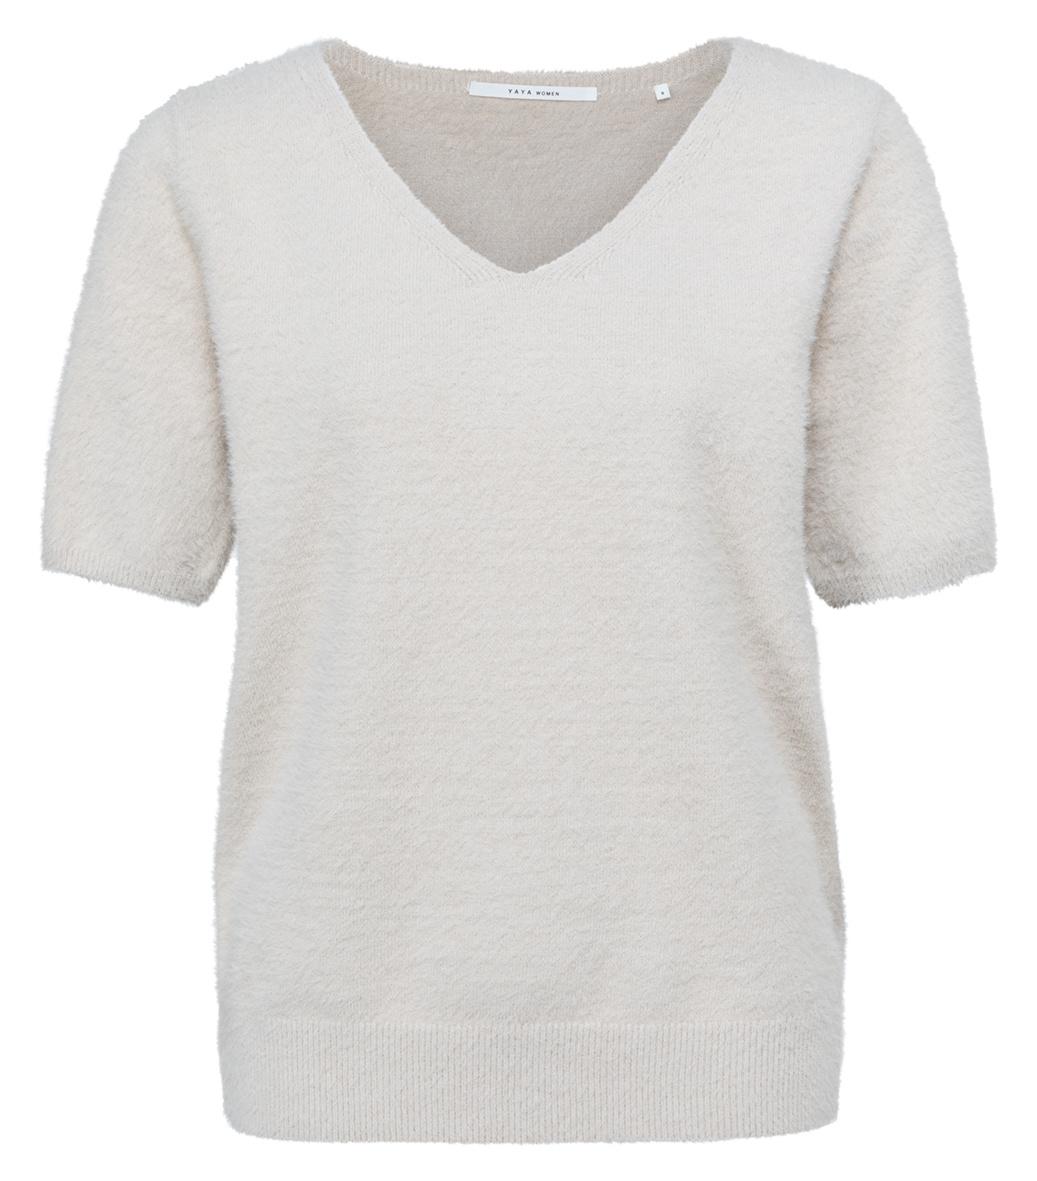 yaya Fluffy sweater V-nec 1000479-122-1